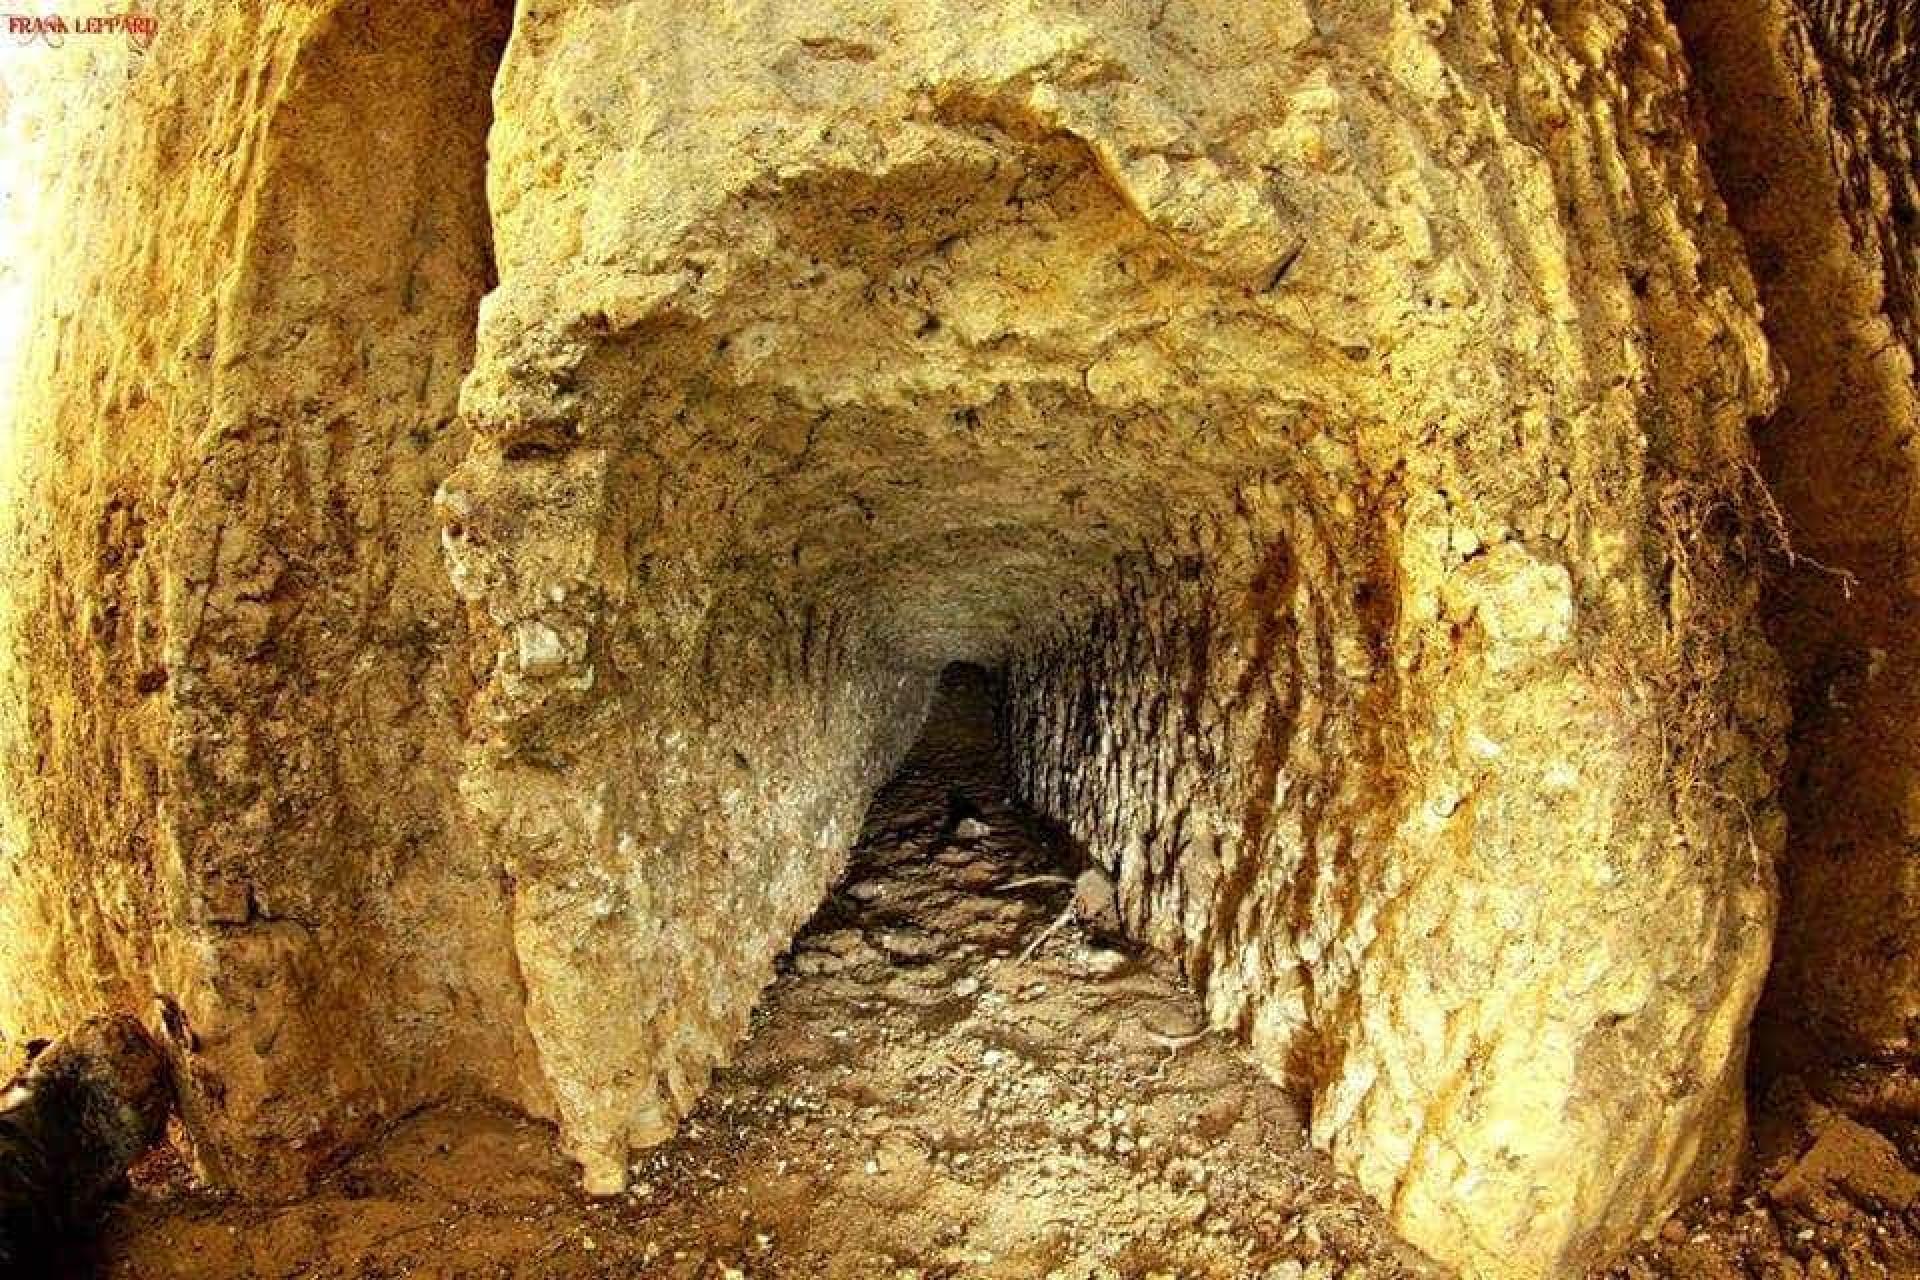 Há de tudo na Primark, até túneis (abandonados) da II Guerra Mundial